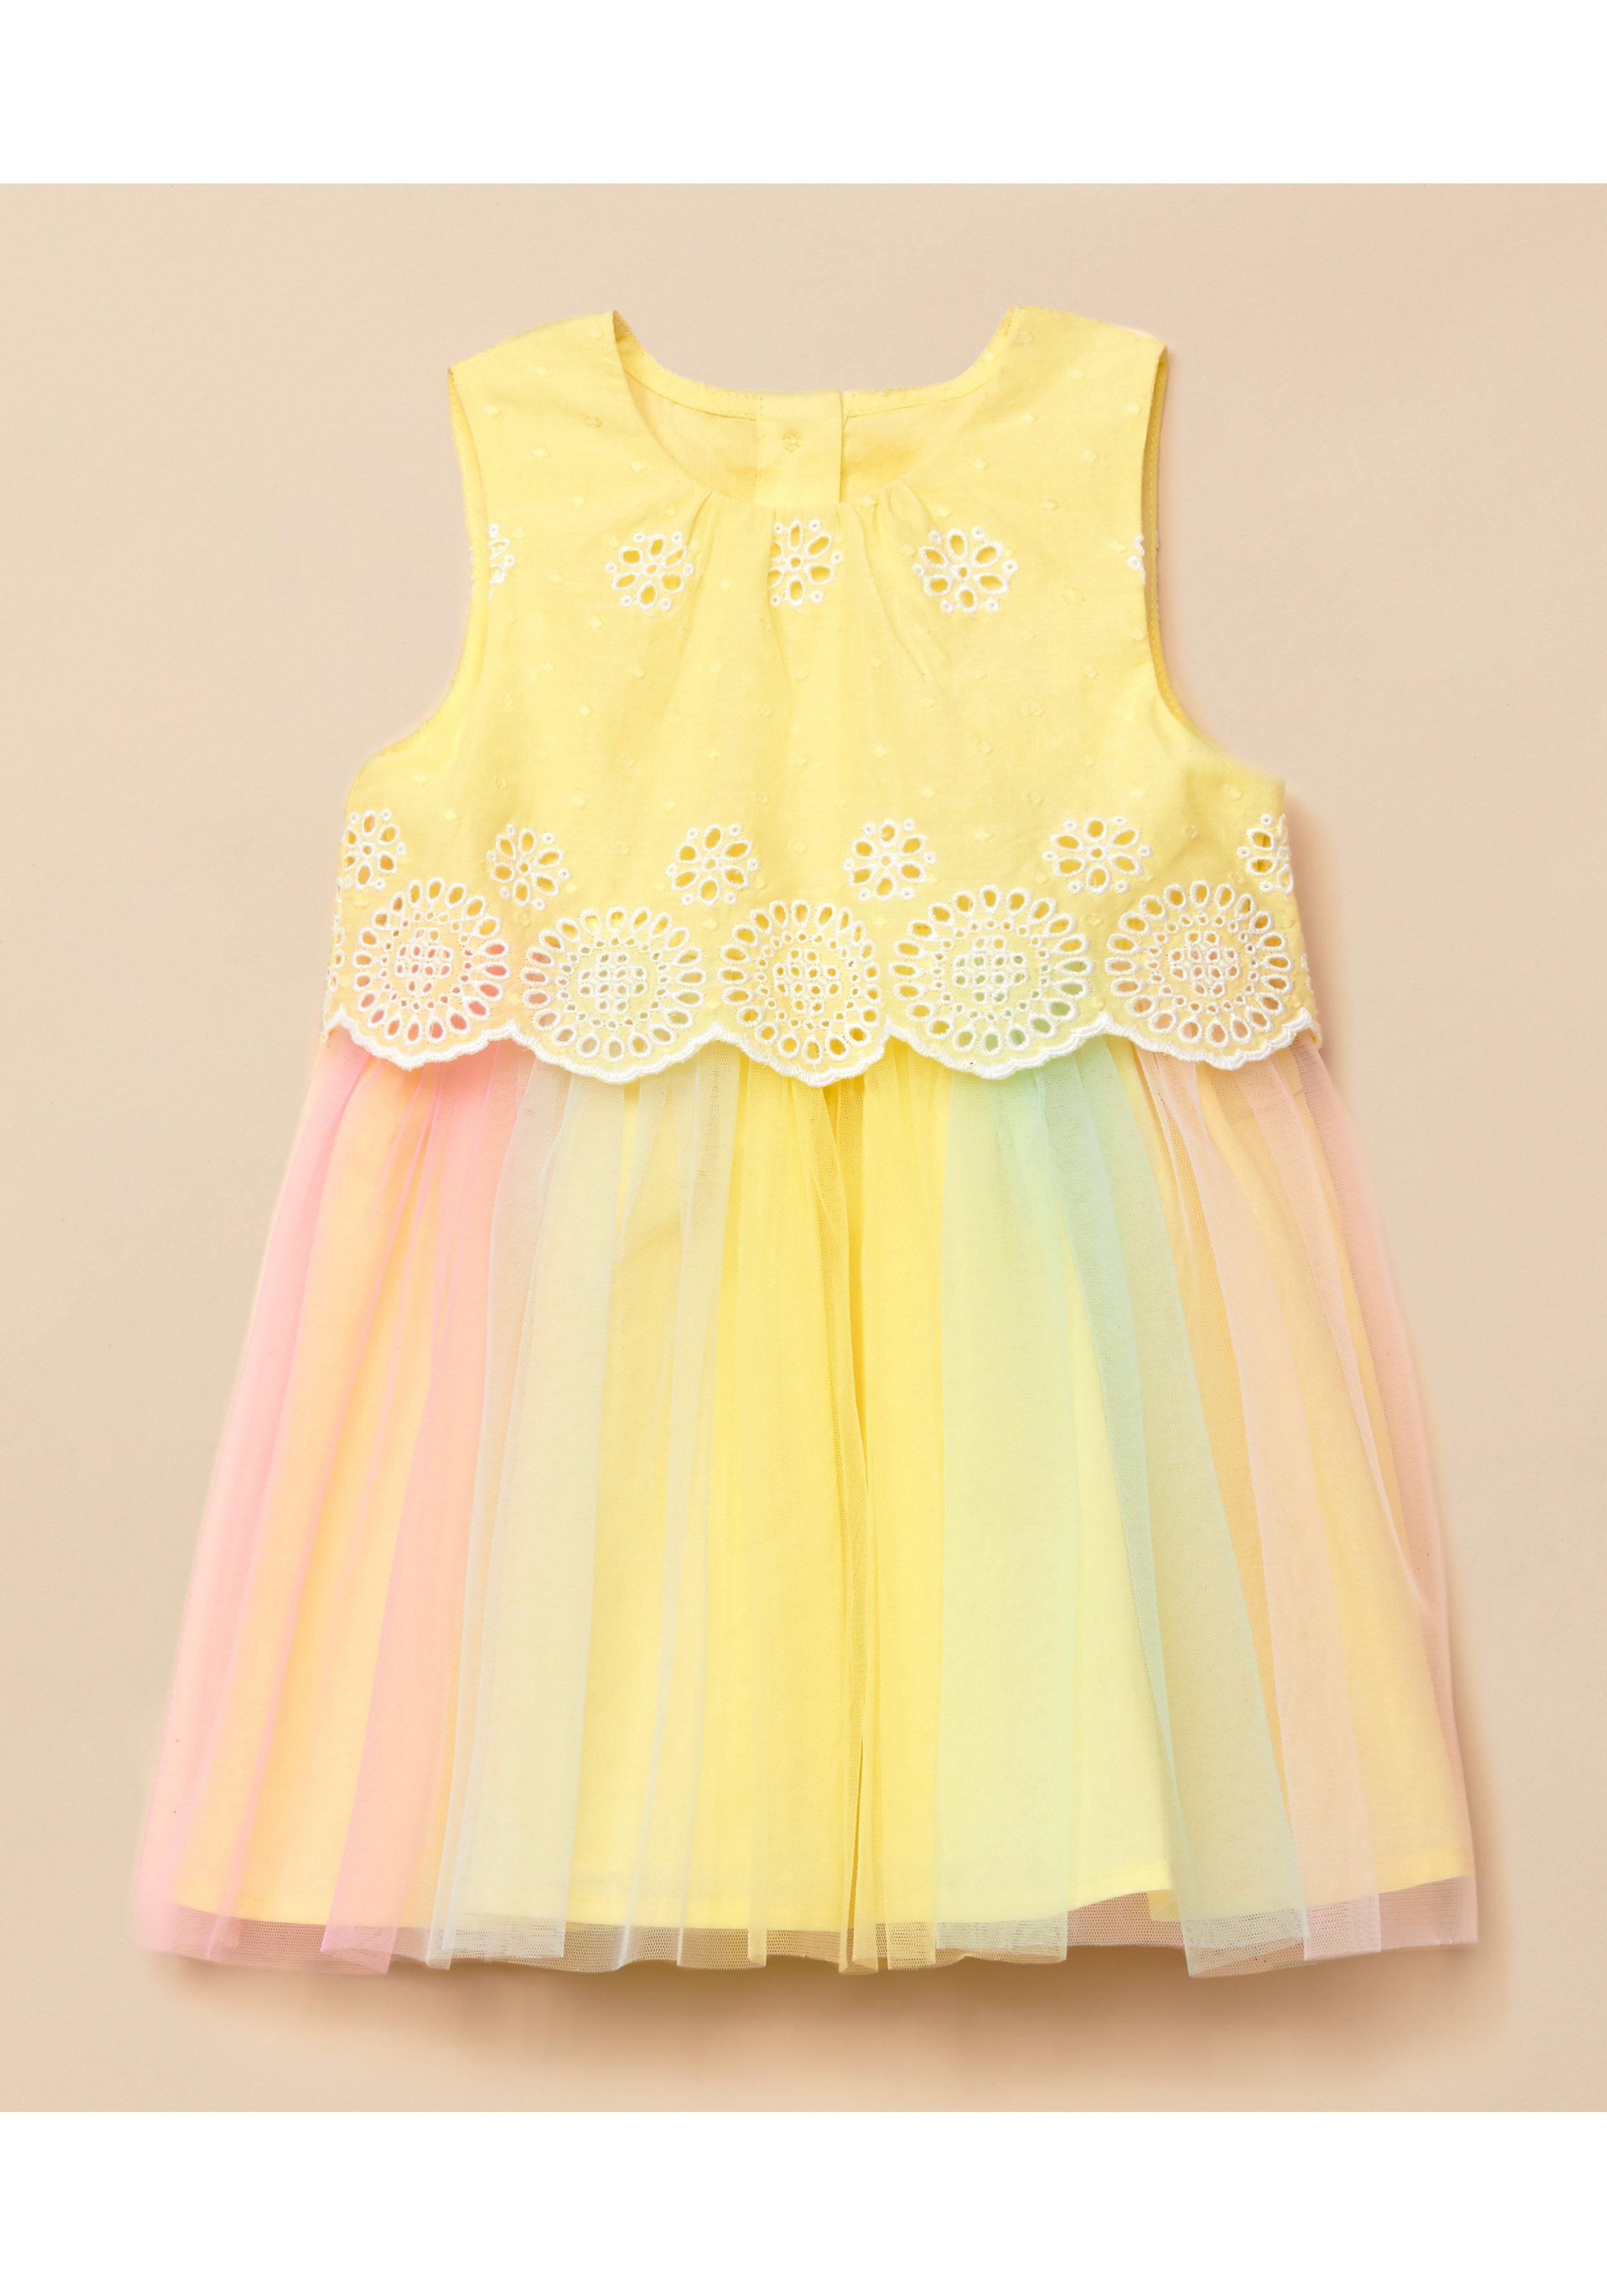 Mothercare | Girls Sleeveless Mesh Dress Schiffli Detail - Yellow